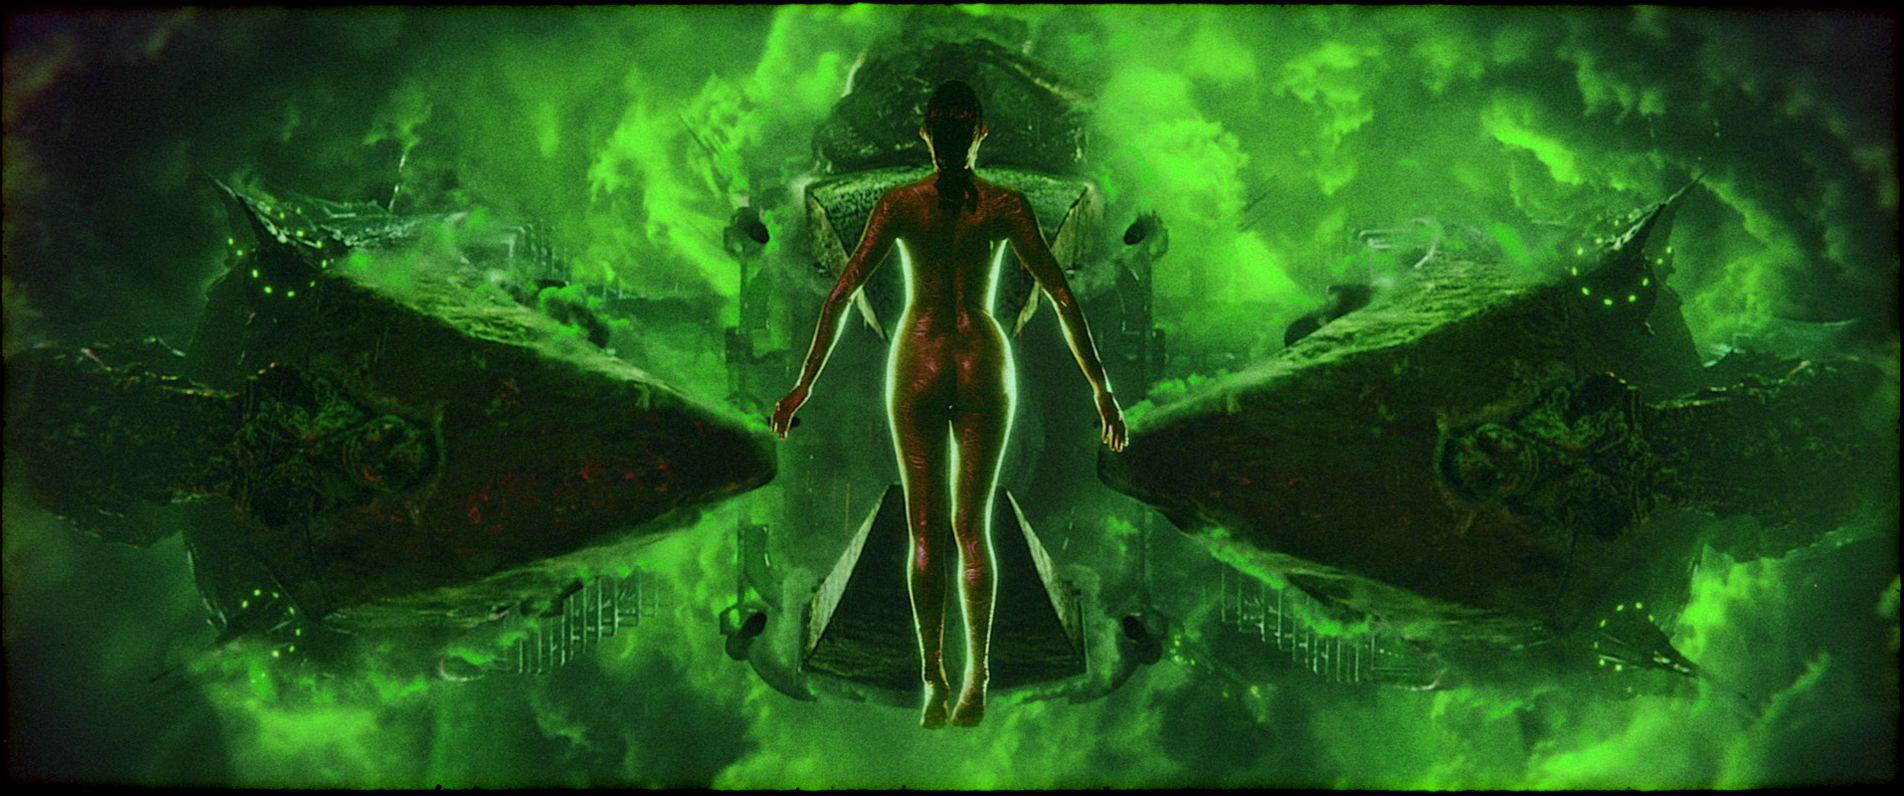 Blood Machines Trailer Reveals Shudder's Hallucinatory Sci-Fi ...